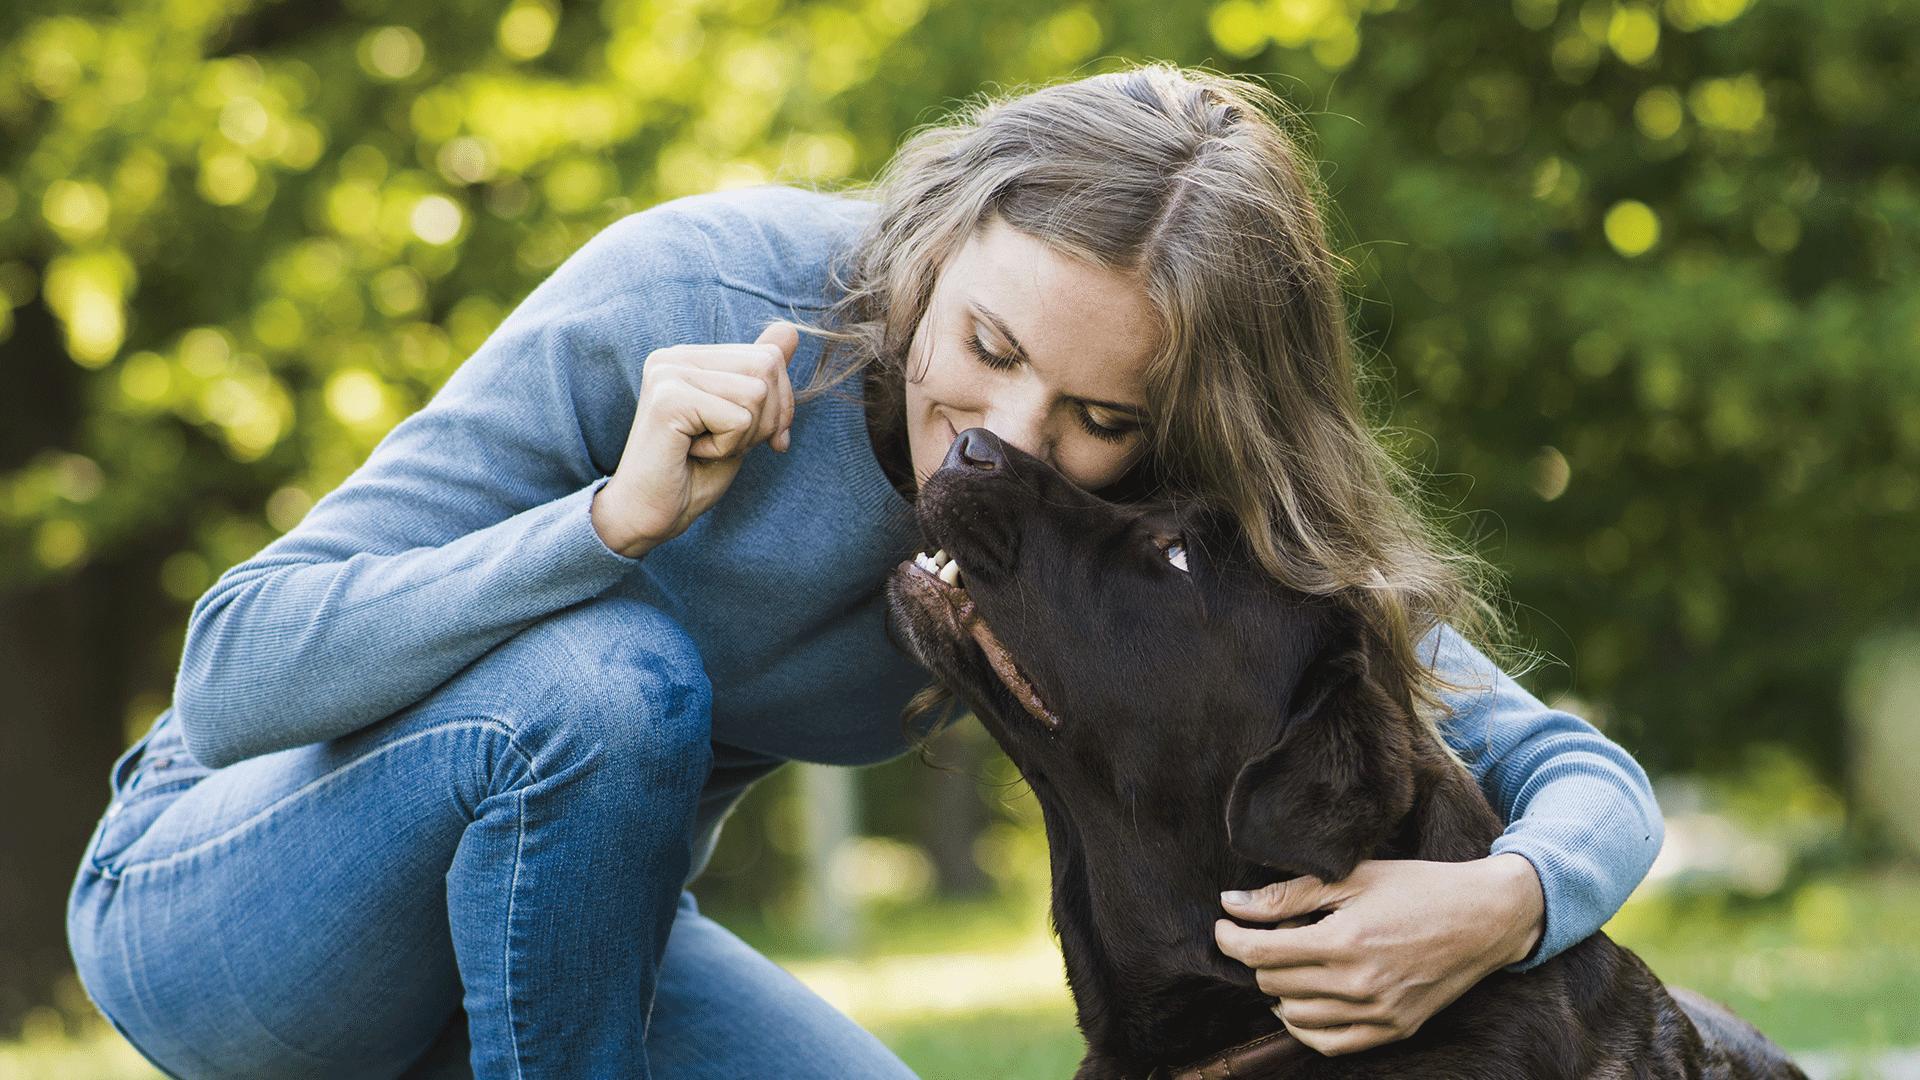 Cães entendem sentimentos humanos, apenas os leem de forma diferente